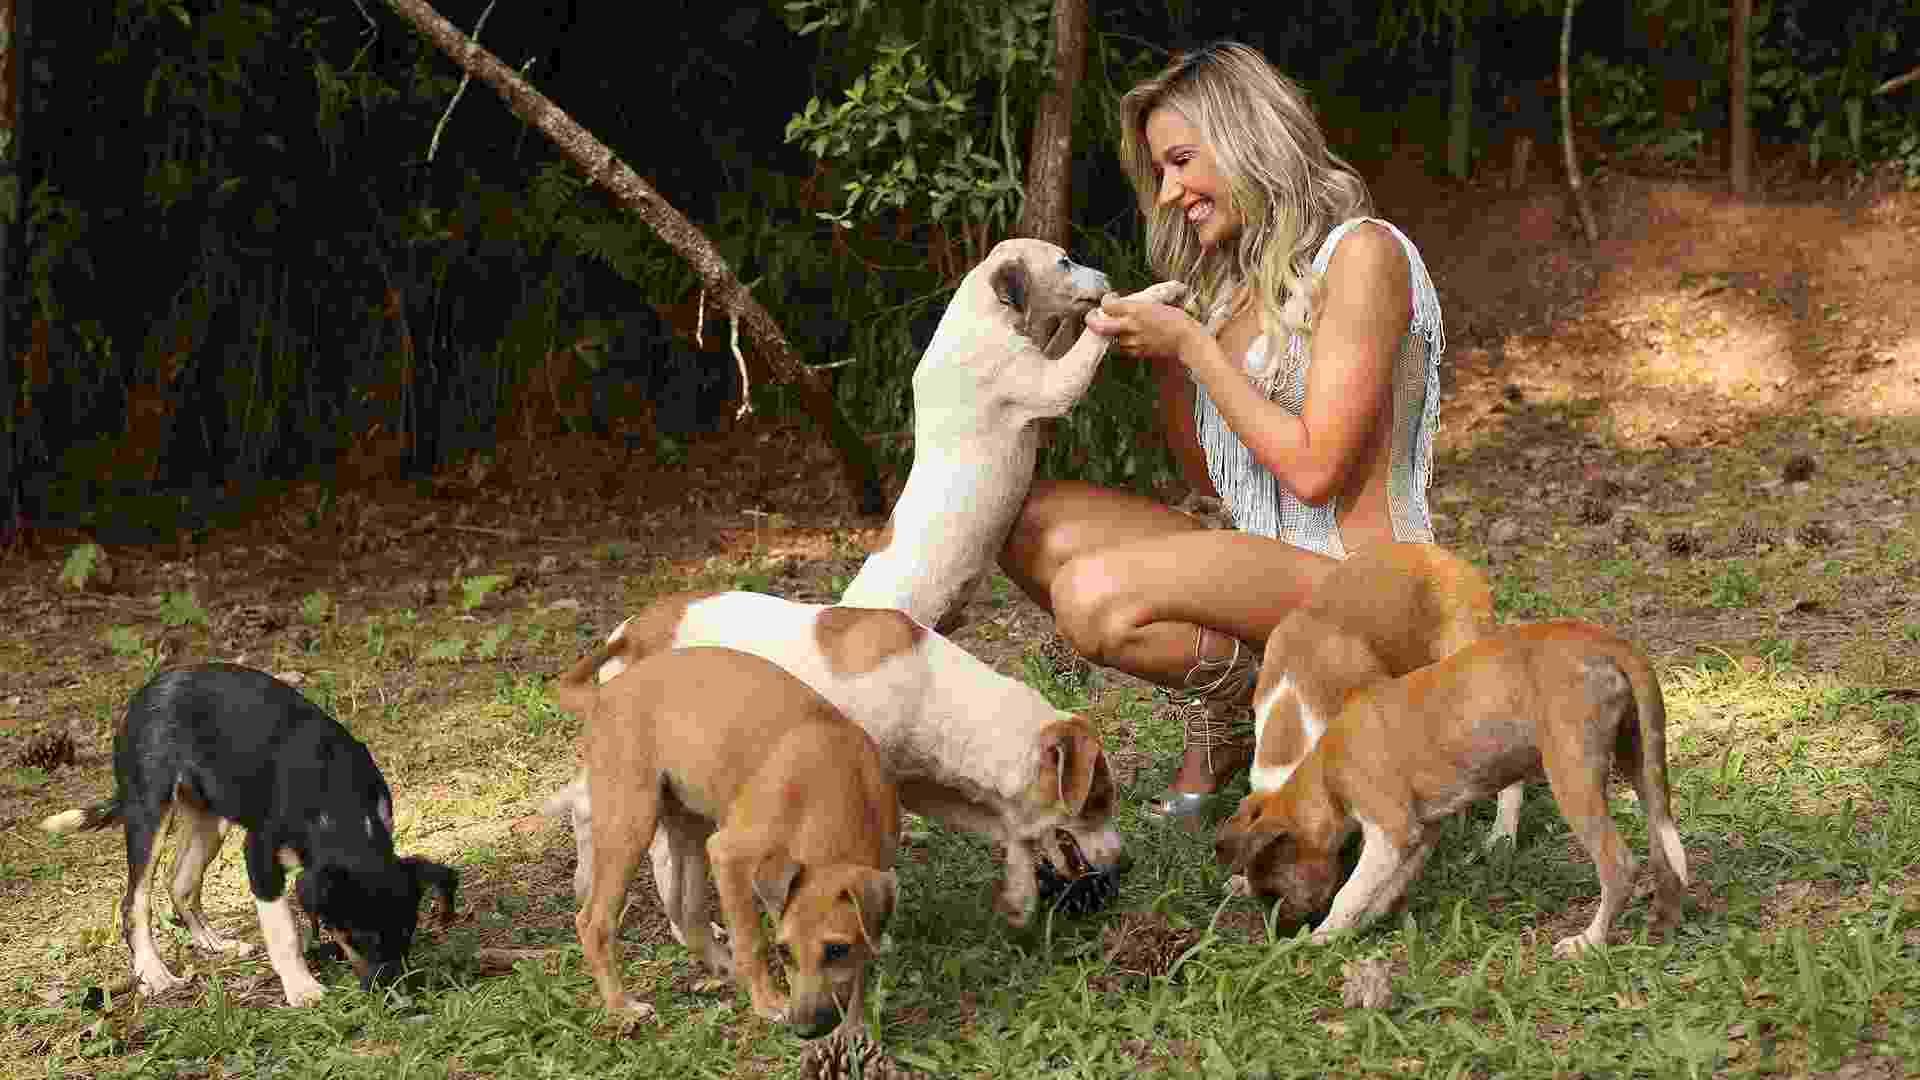 Luisa Mell é destaque da Águia de Ouro que neste carnaval traz no samba-enredo a luta em defesa dos animais - Iwi Onodera/UOL